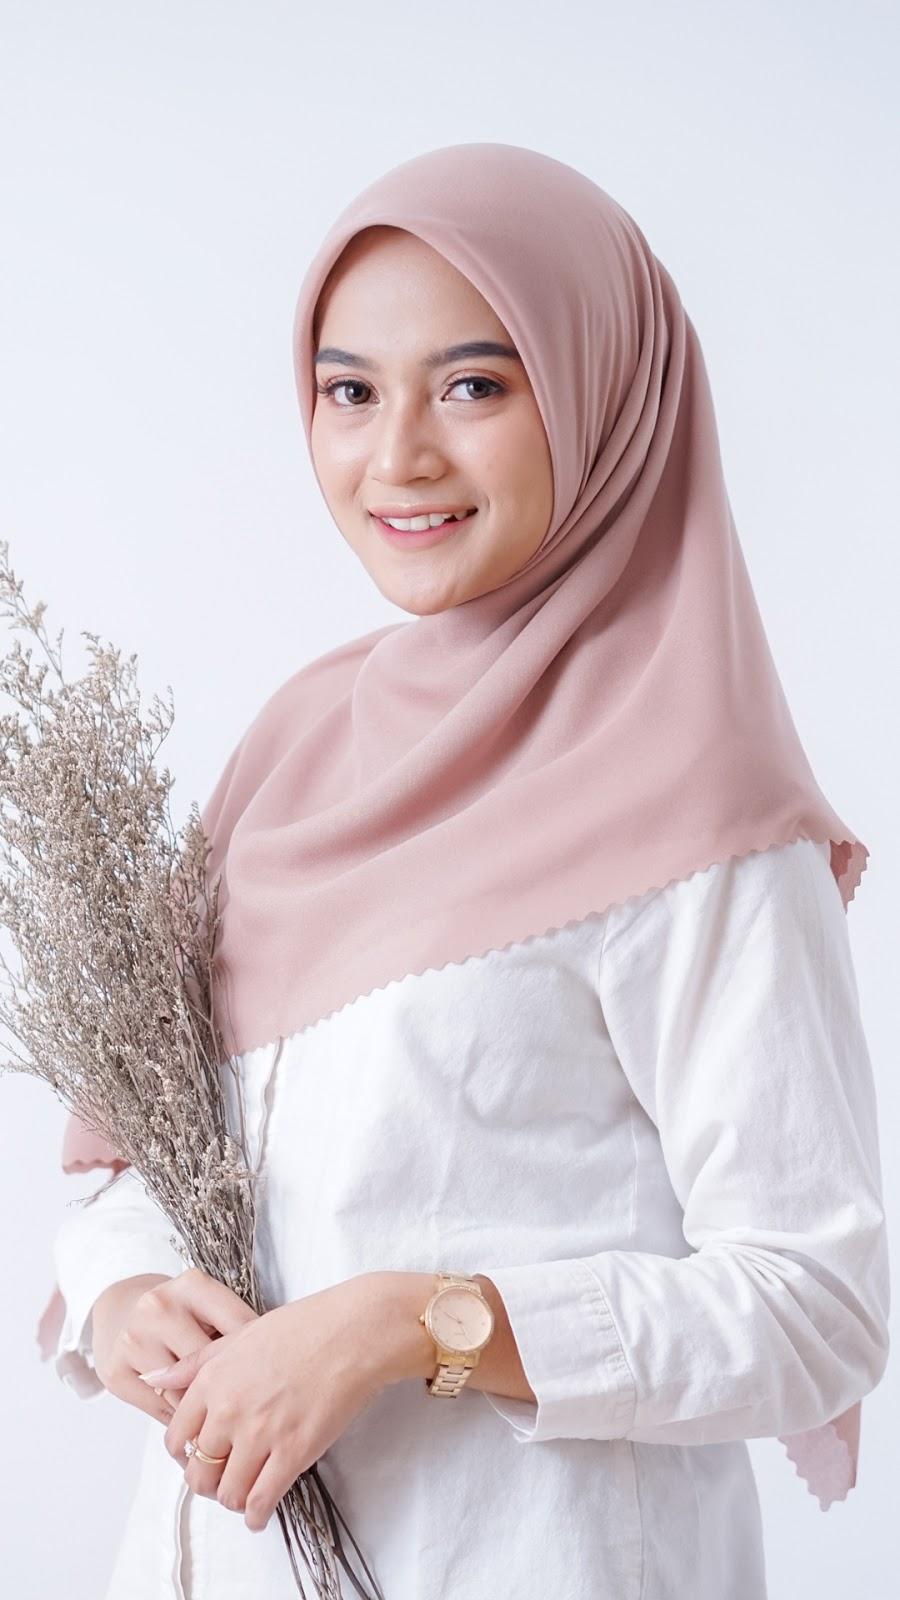 wallpaper hijab keren manis dan seksi imut mata indah